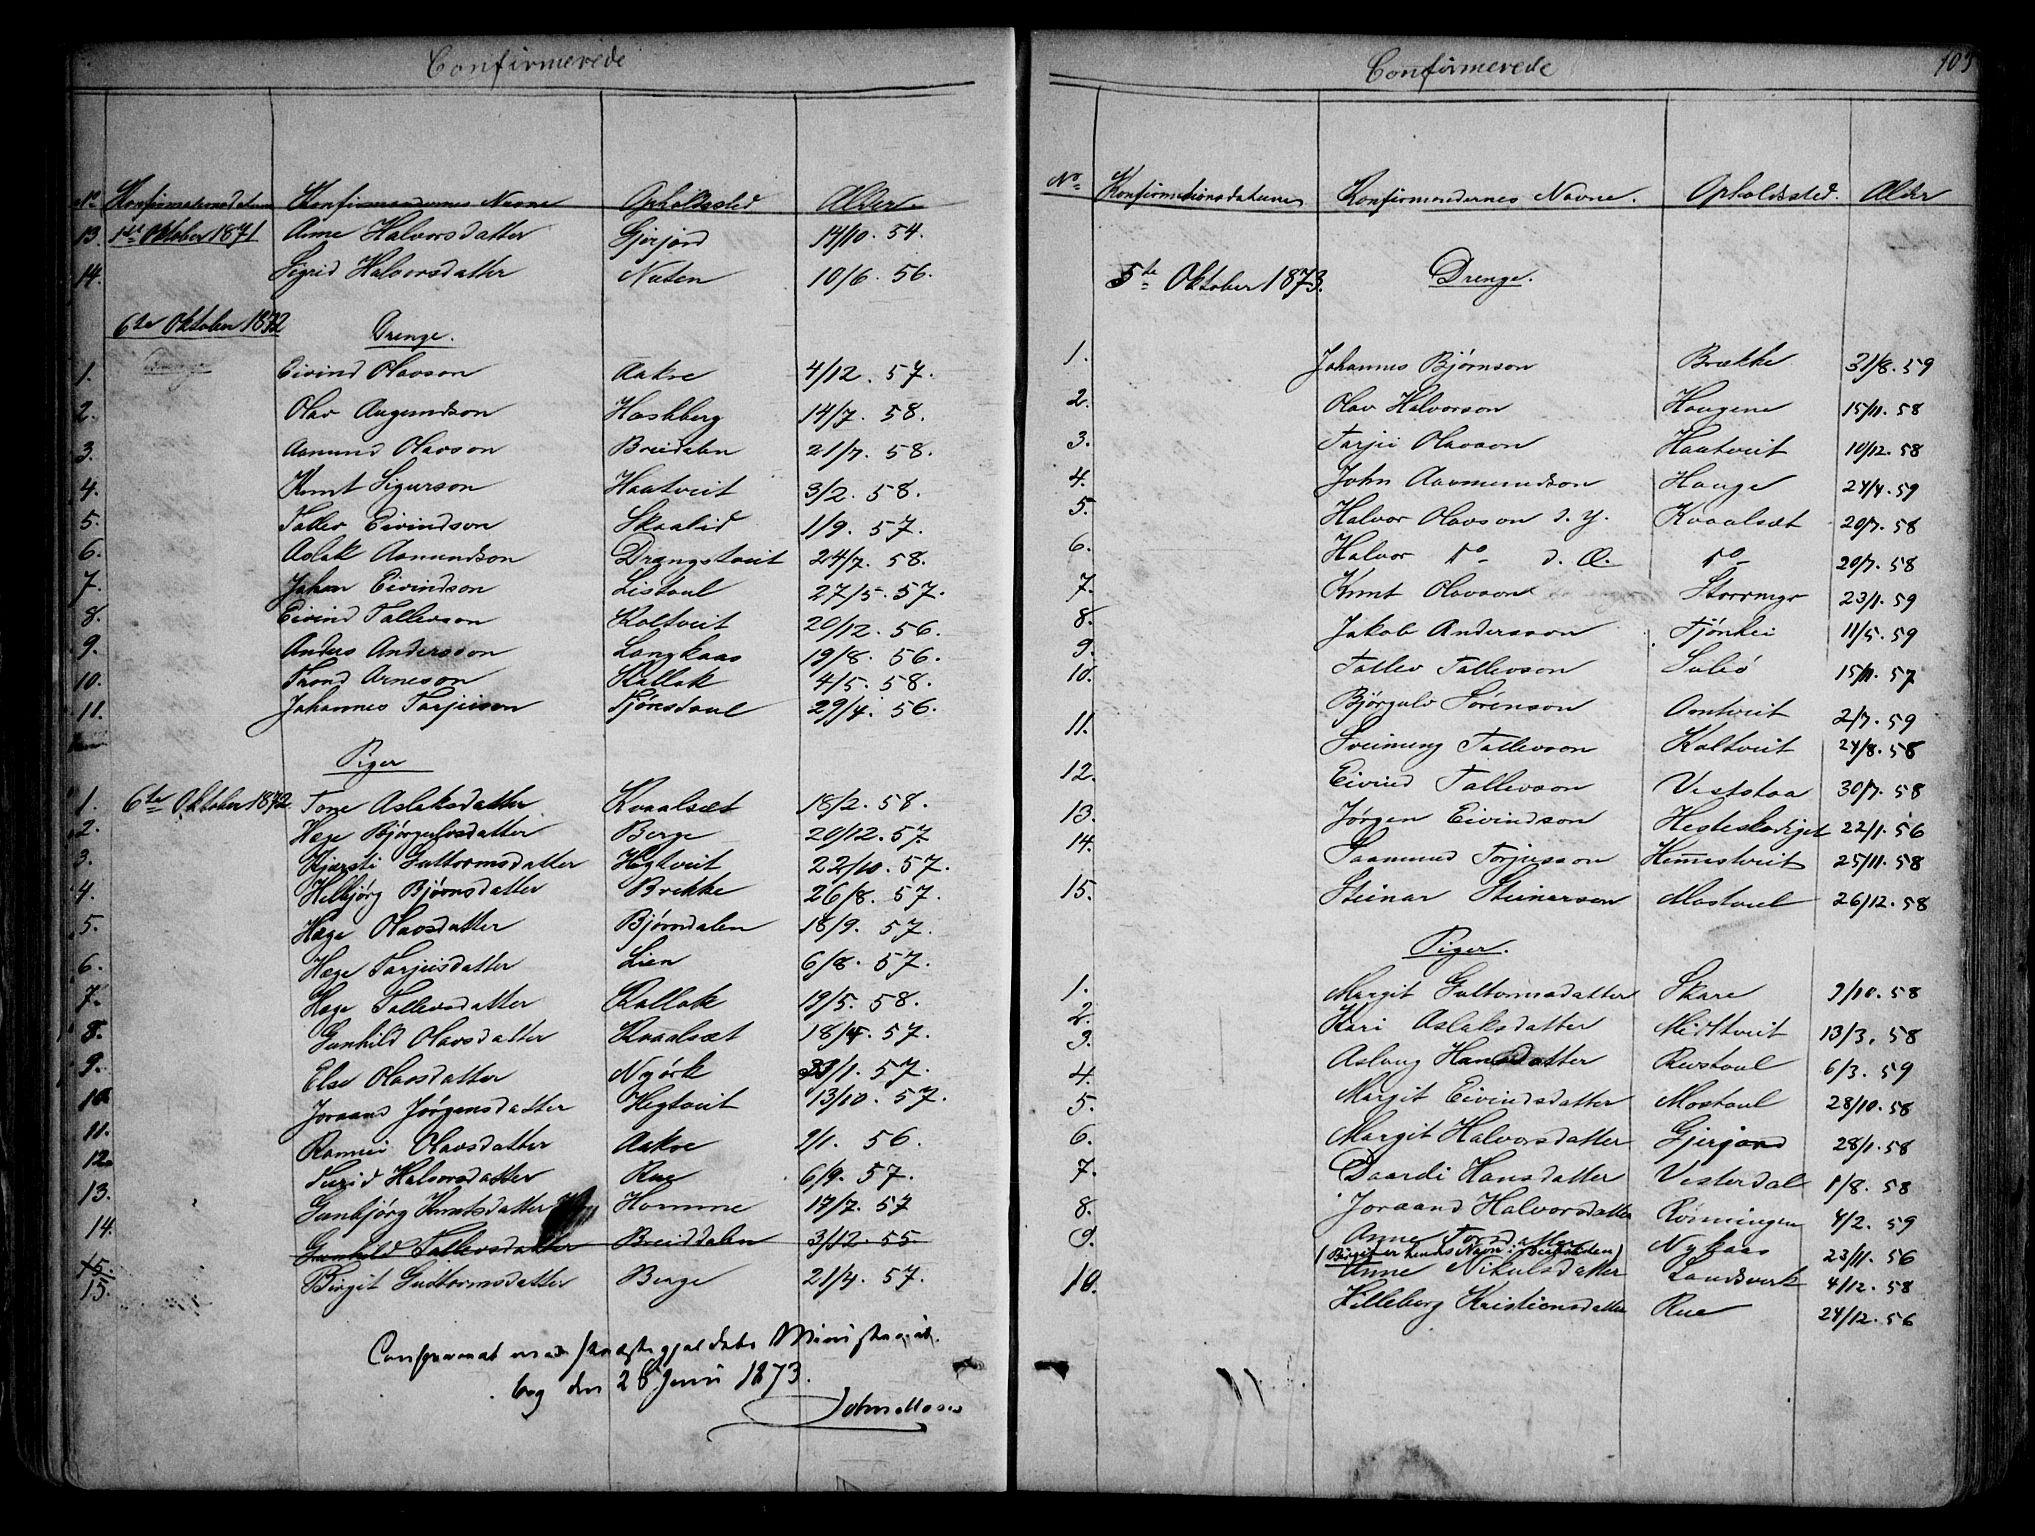 SAKO, Kviteseid kirkebøker, G/Gb/L0002: Klokkerbok nr. II 2, 1850-1892, s. 103